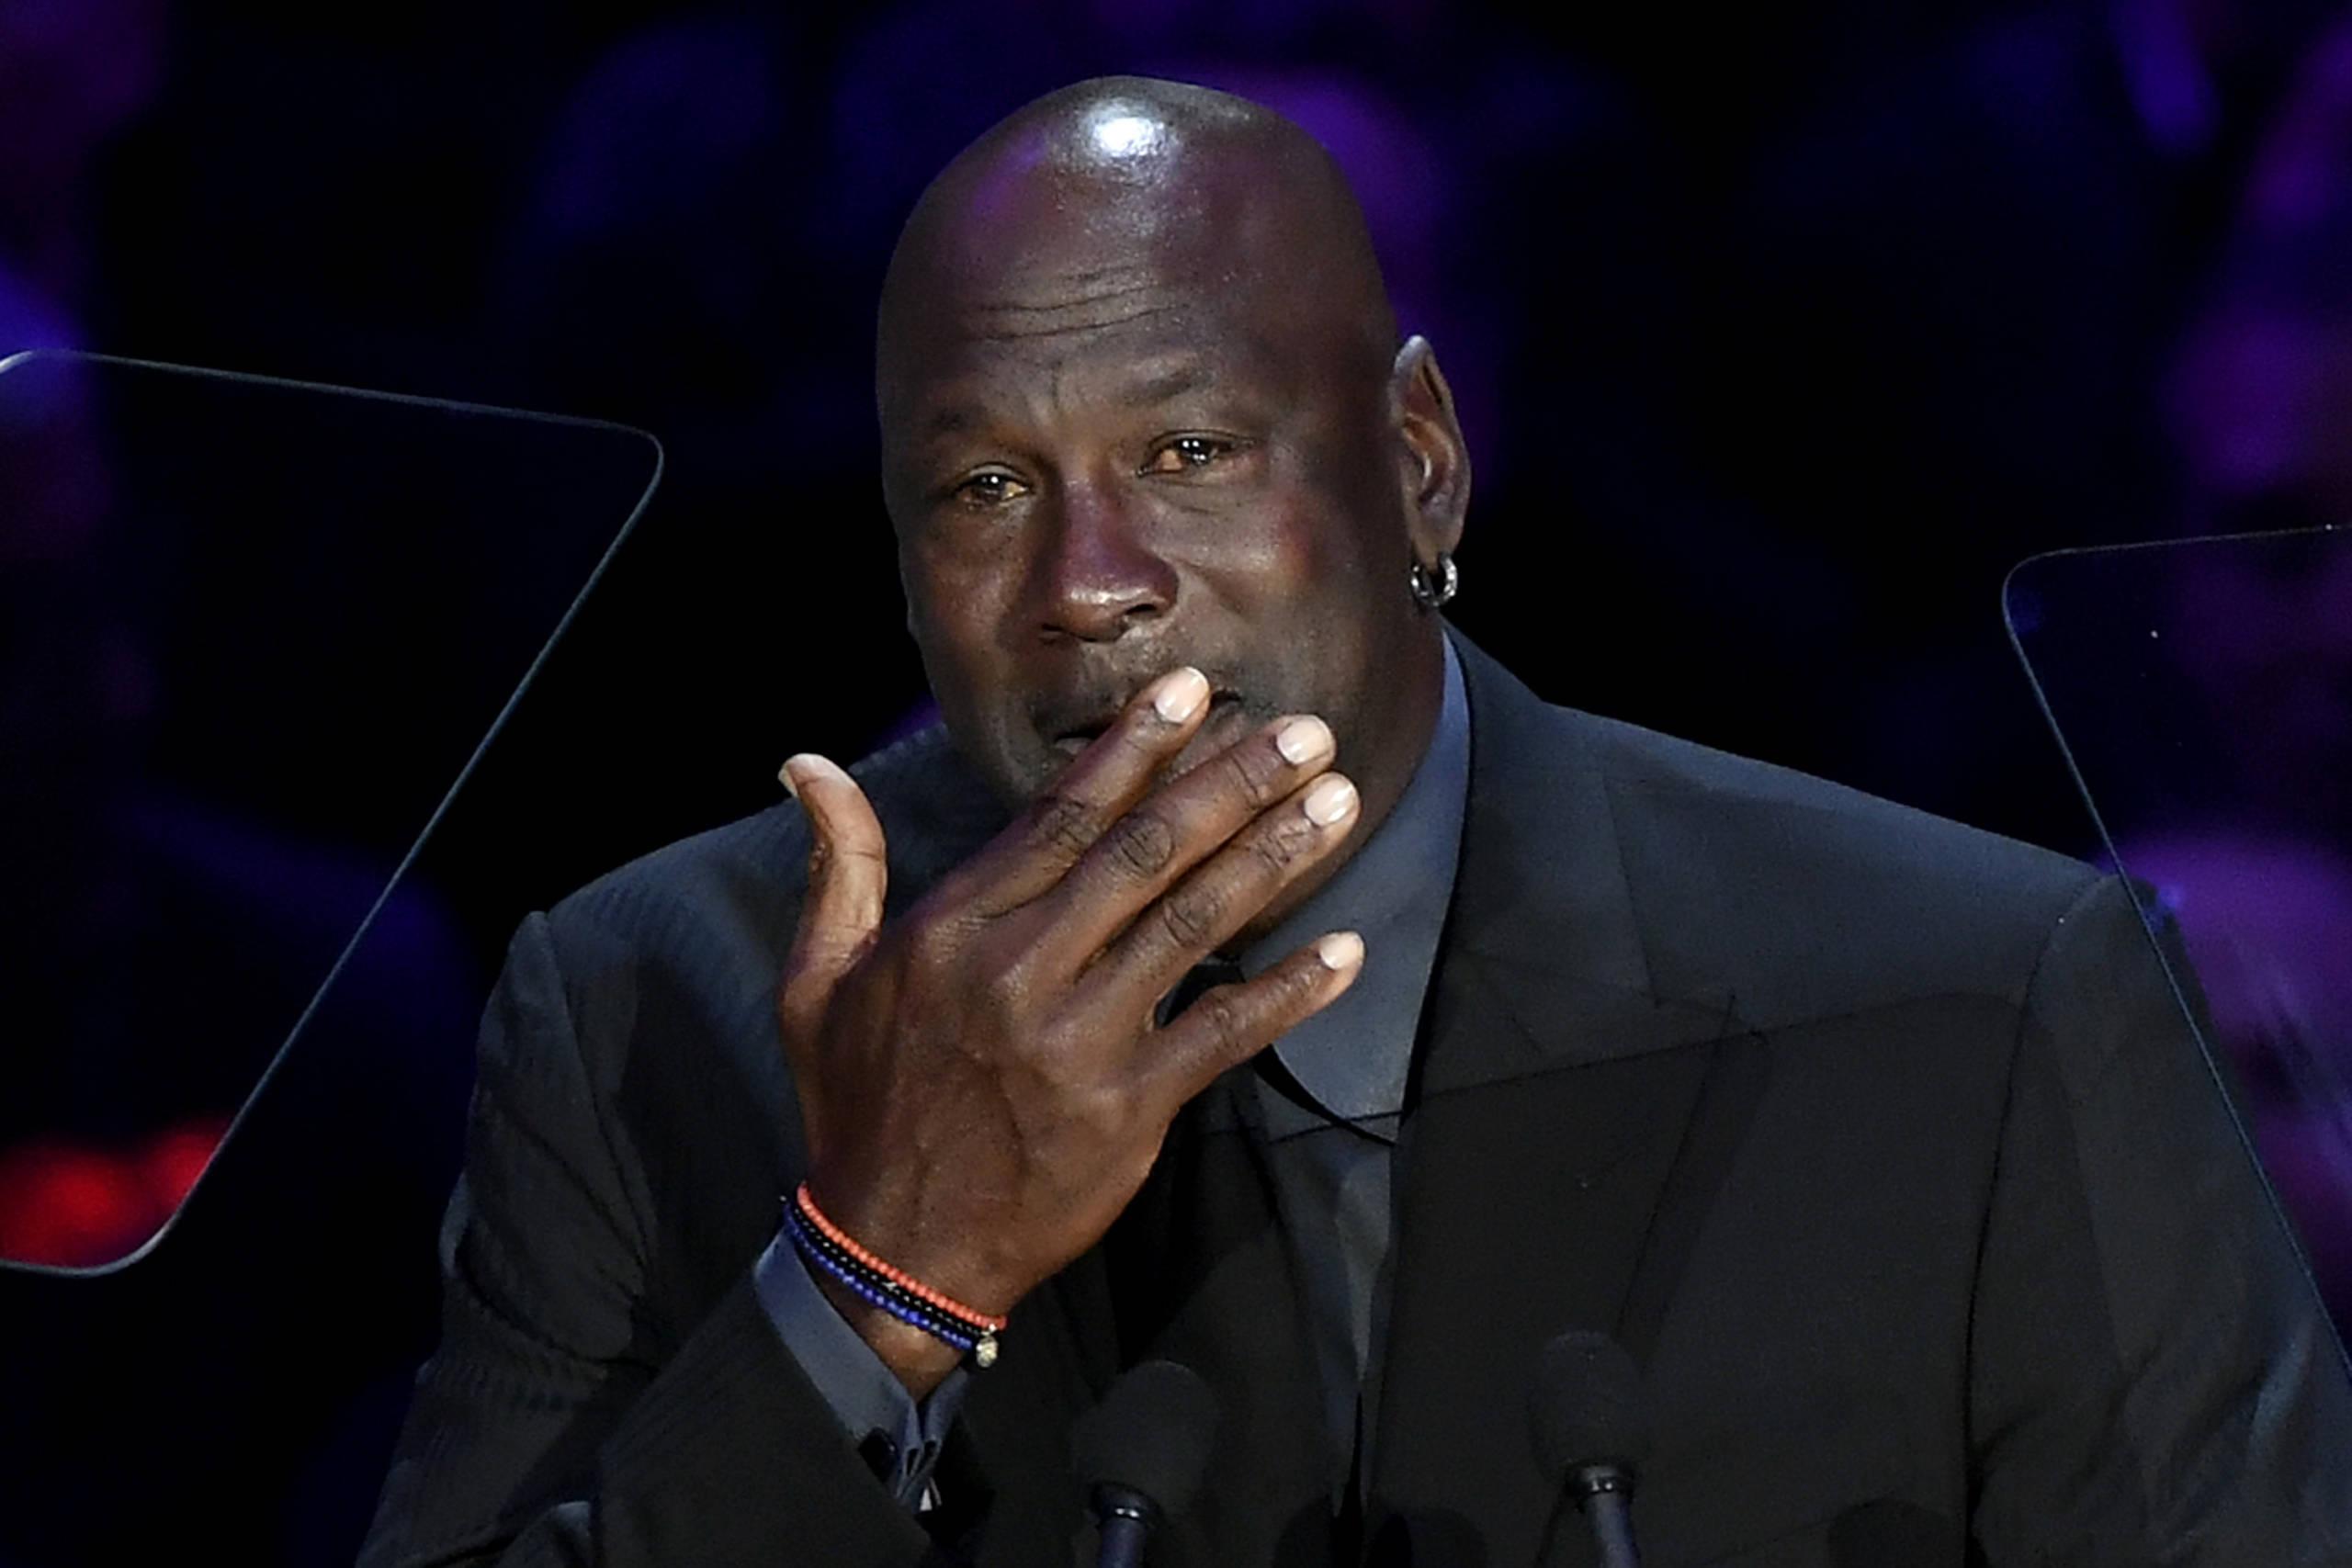 Jordan se emociona em homenagem a Kobe Bryant